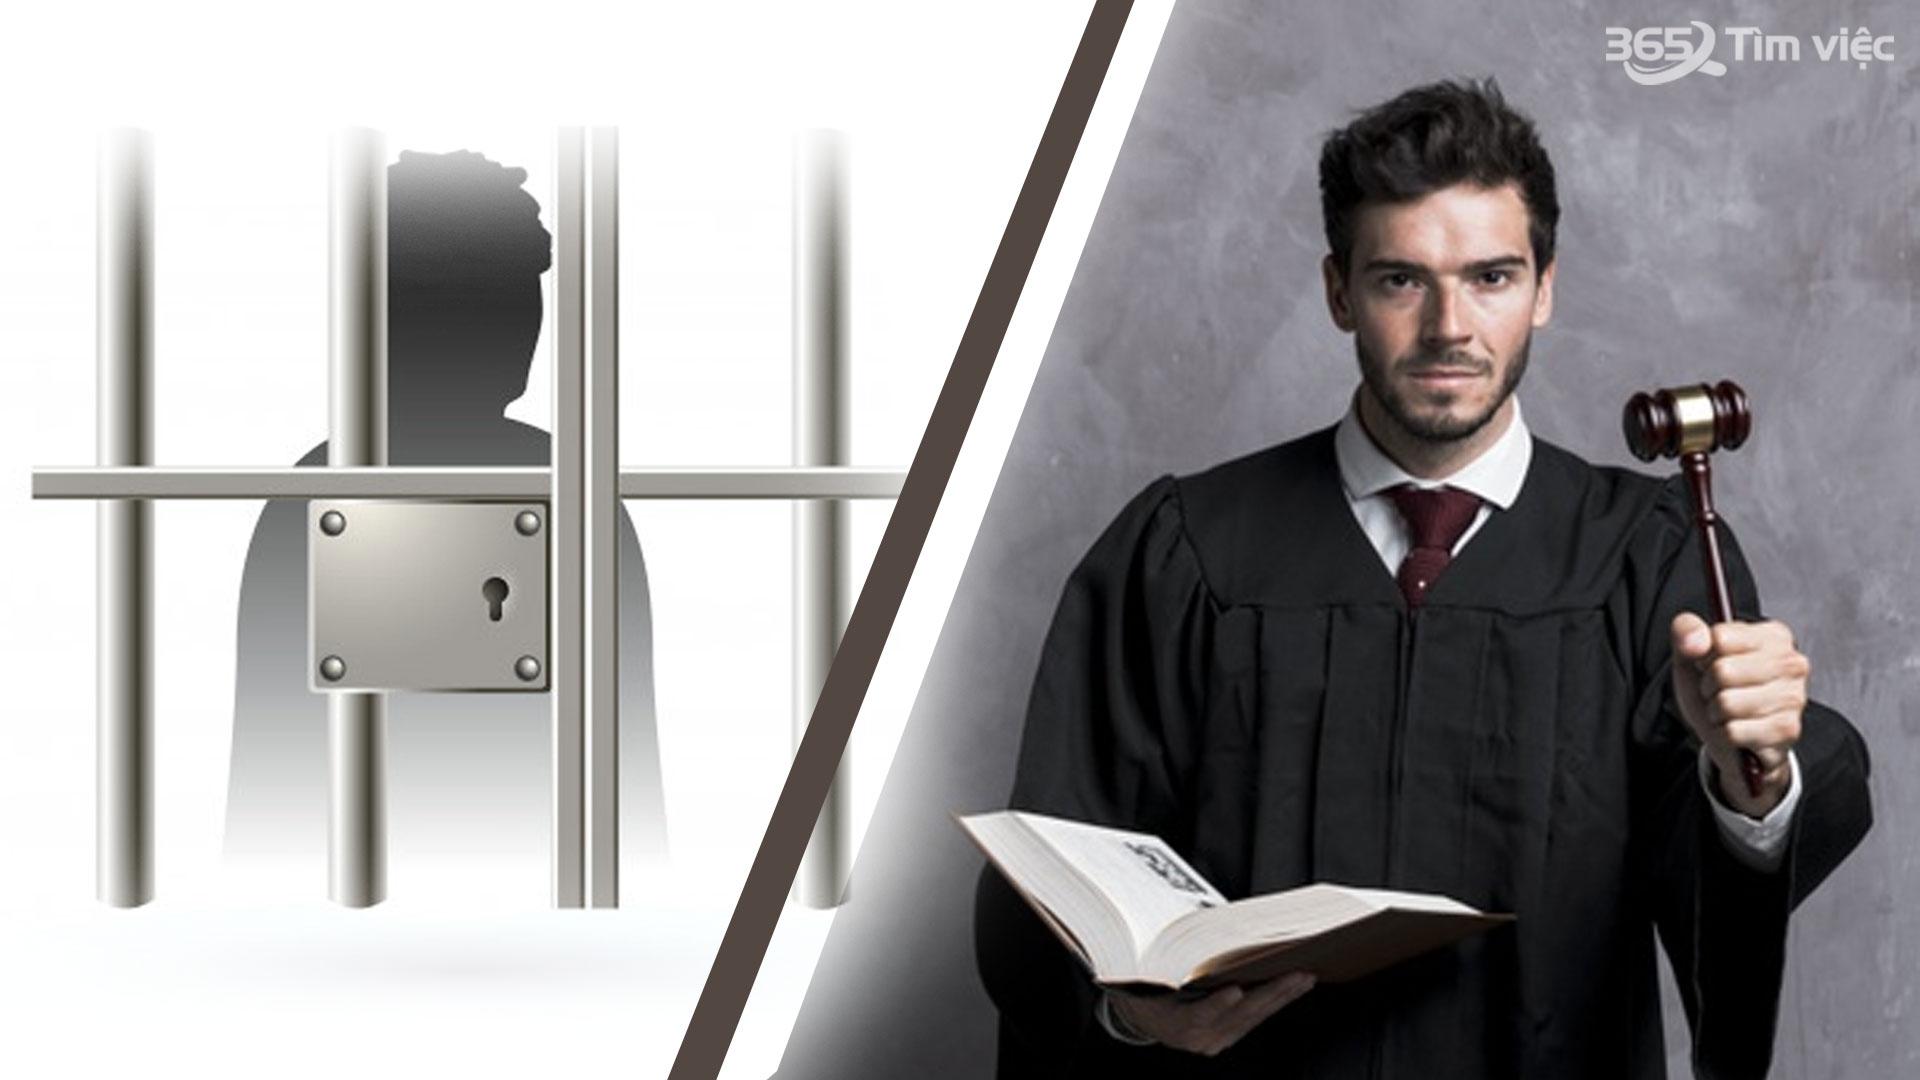 Trọn bộ câu hỏi phỏng vấn chuyên viên pháp lý thường gặp nhất